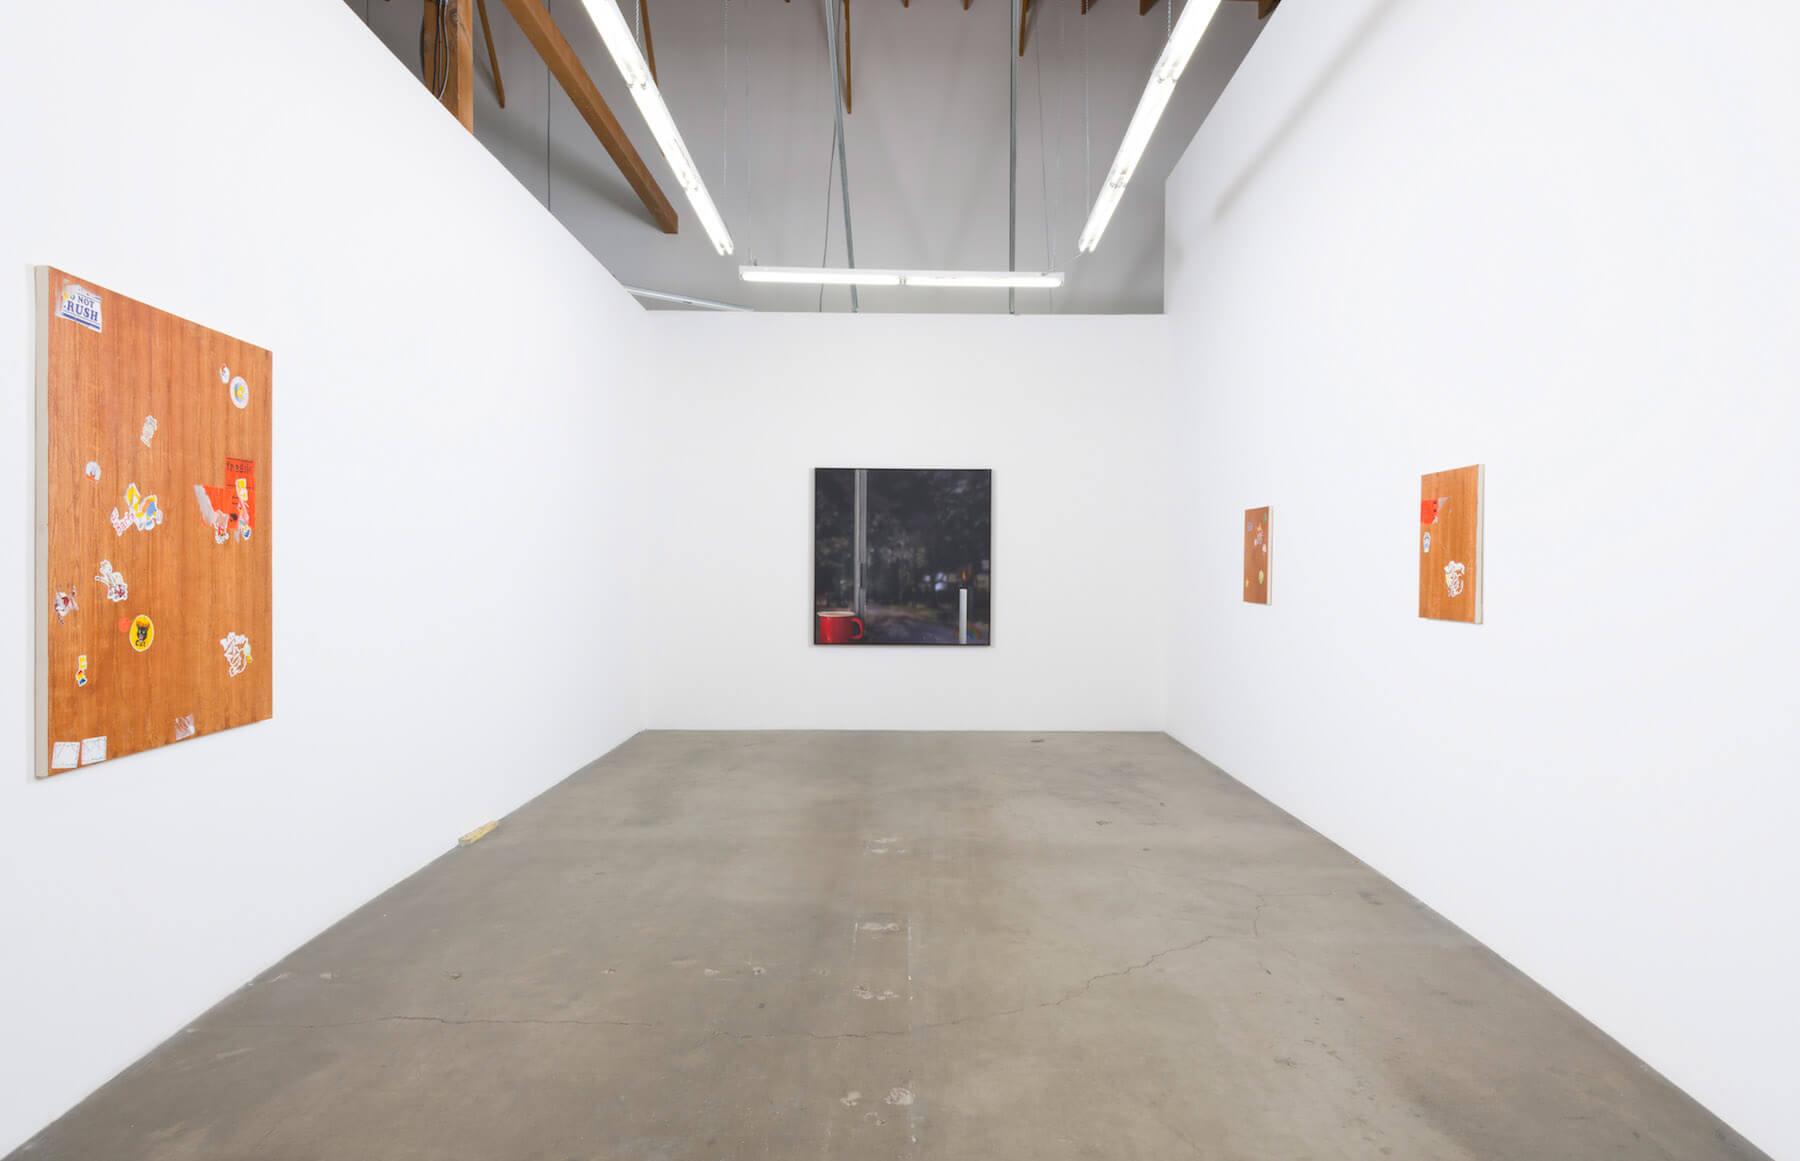 11_Sayre Gomez, installation view, Ghebaly Gallery